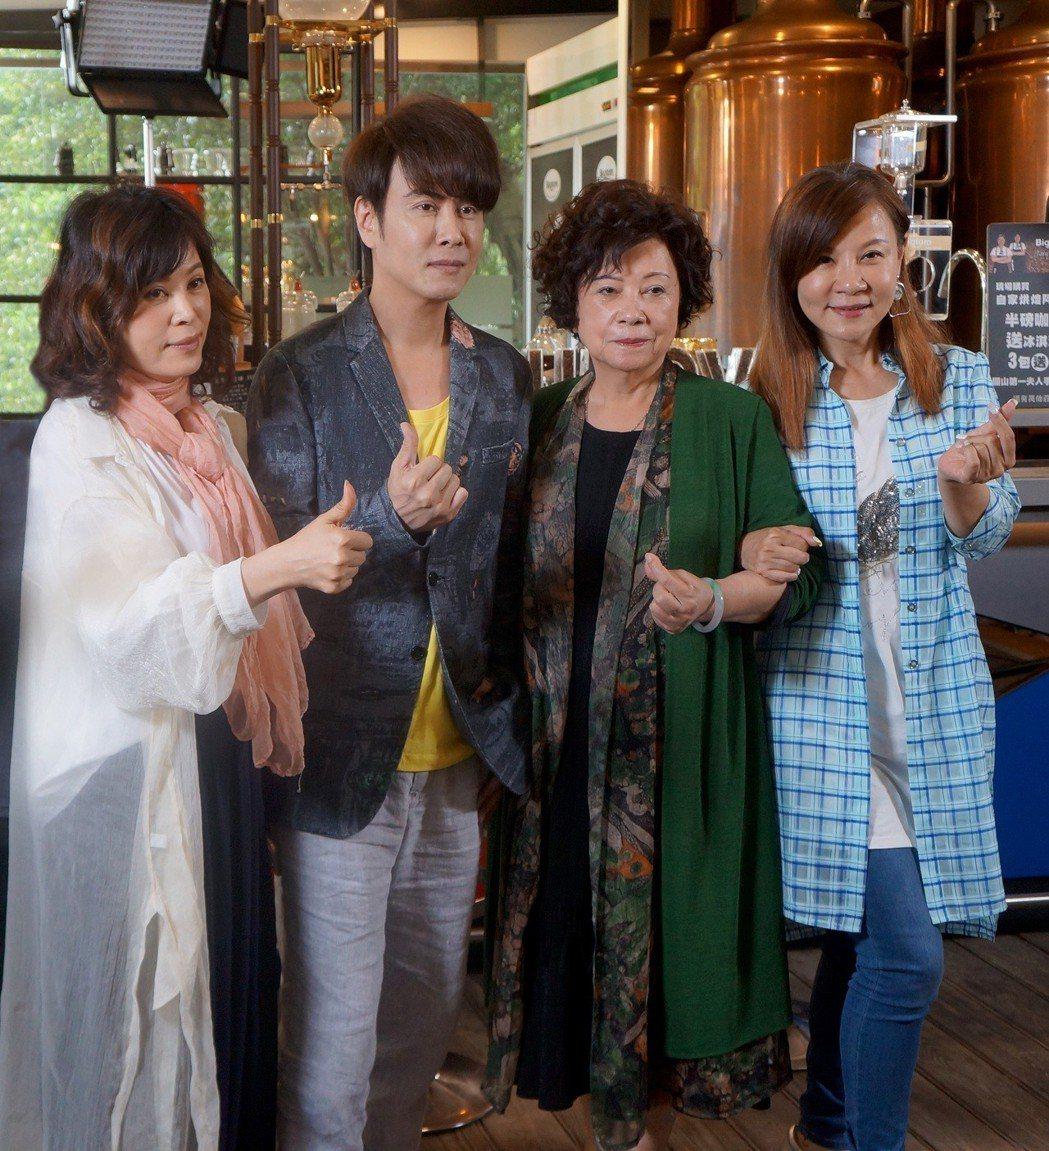 江志豐(左二)推出新專輯,媽媽(右二)、姊姊龍千玉(右)、江志美(左)現身力挺。...